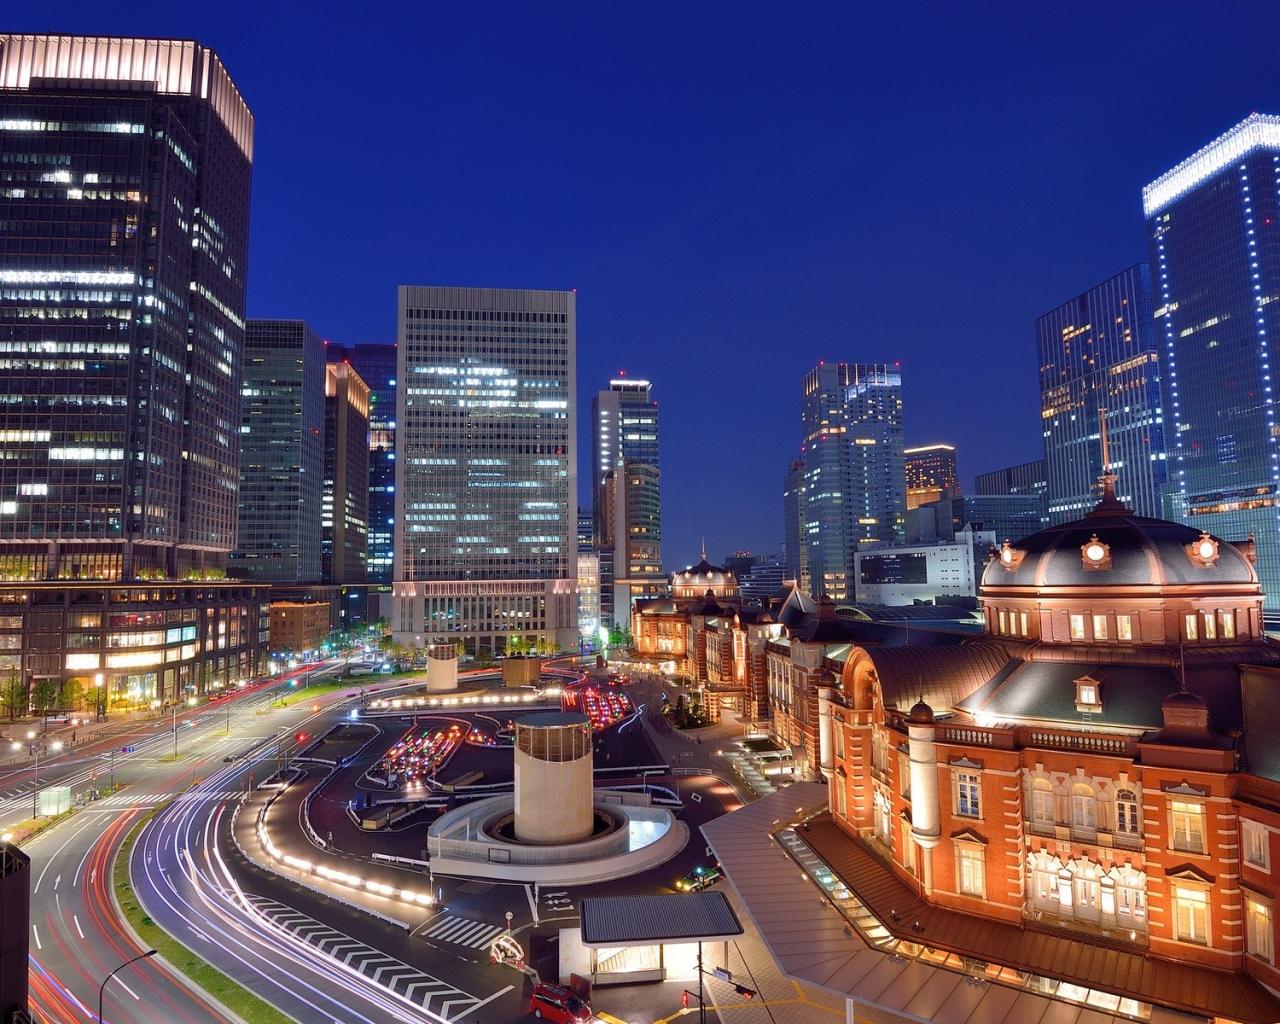 Fotografía HDR ciudades - 1280x1024